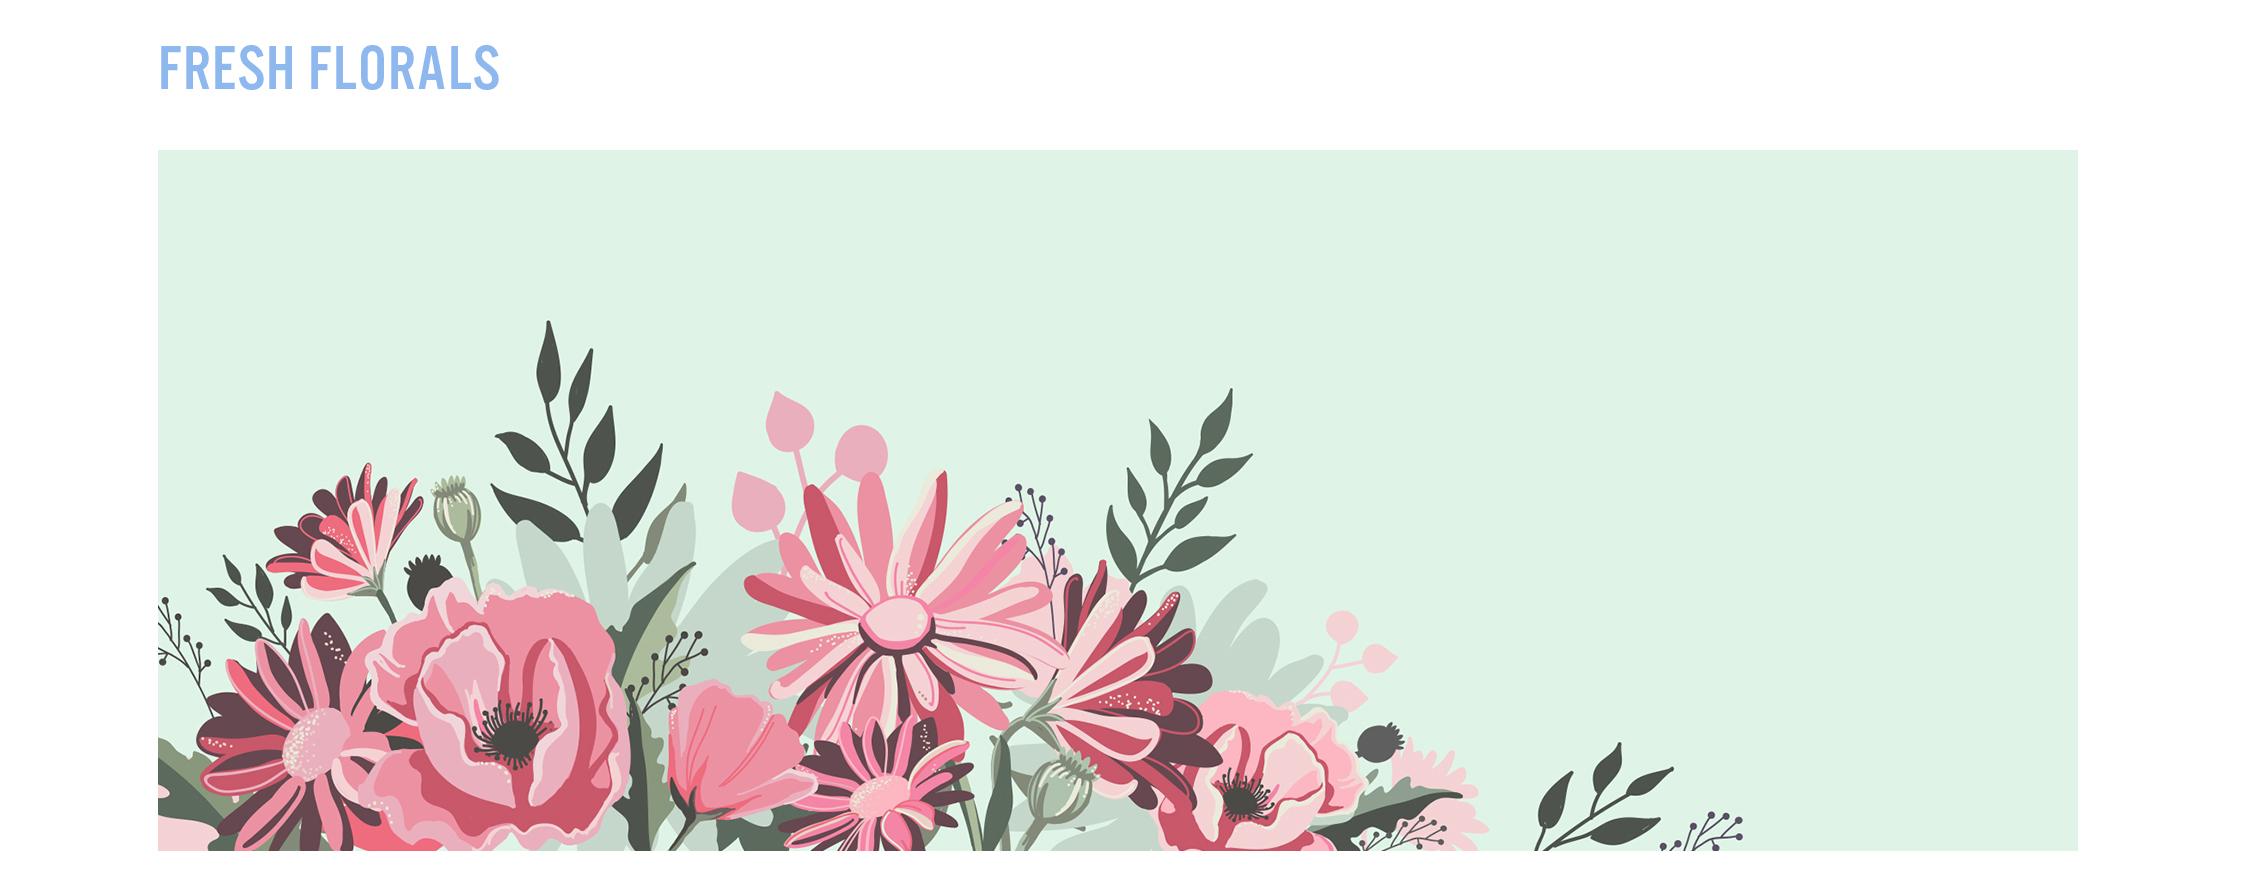 Blog Layout_Fresh Florals.jpg